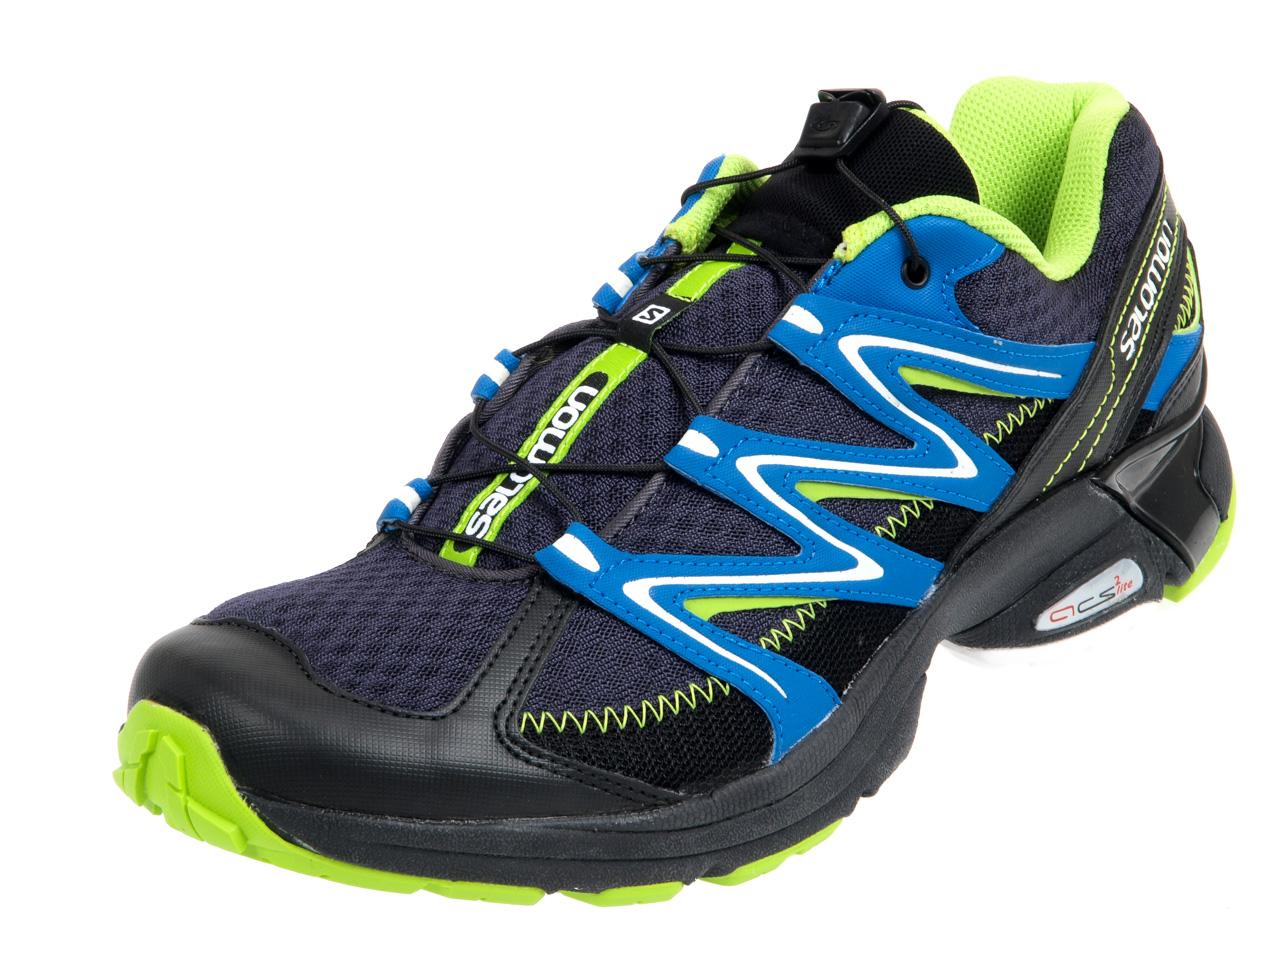 51b945cfe37 Les meilleures chaussures de running du moment en avril 2019